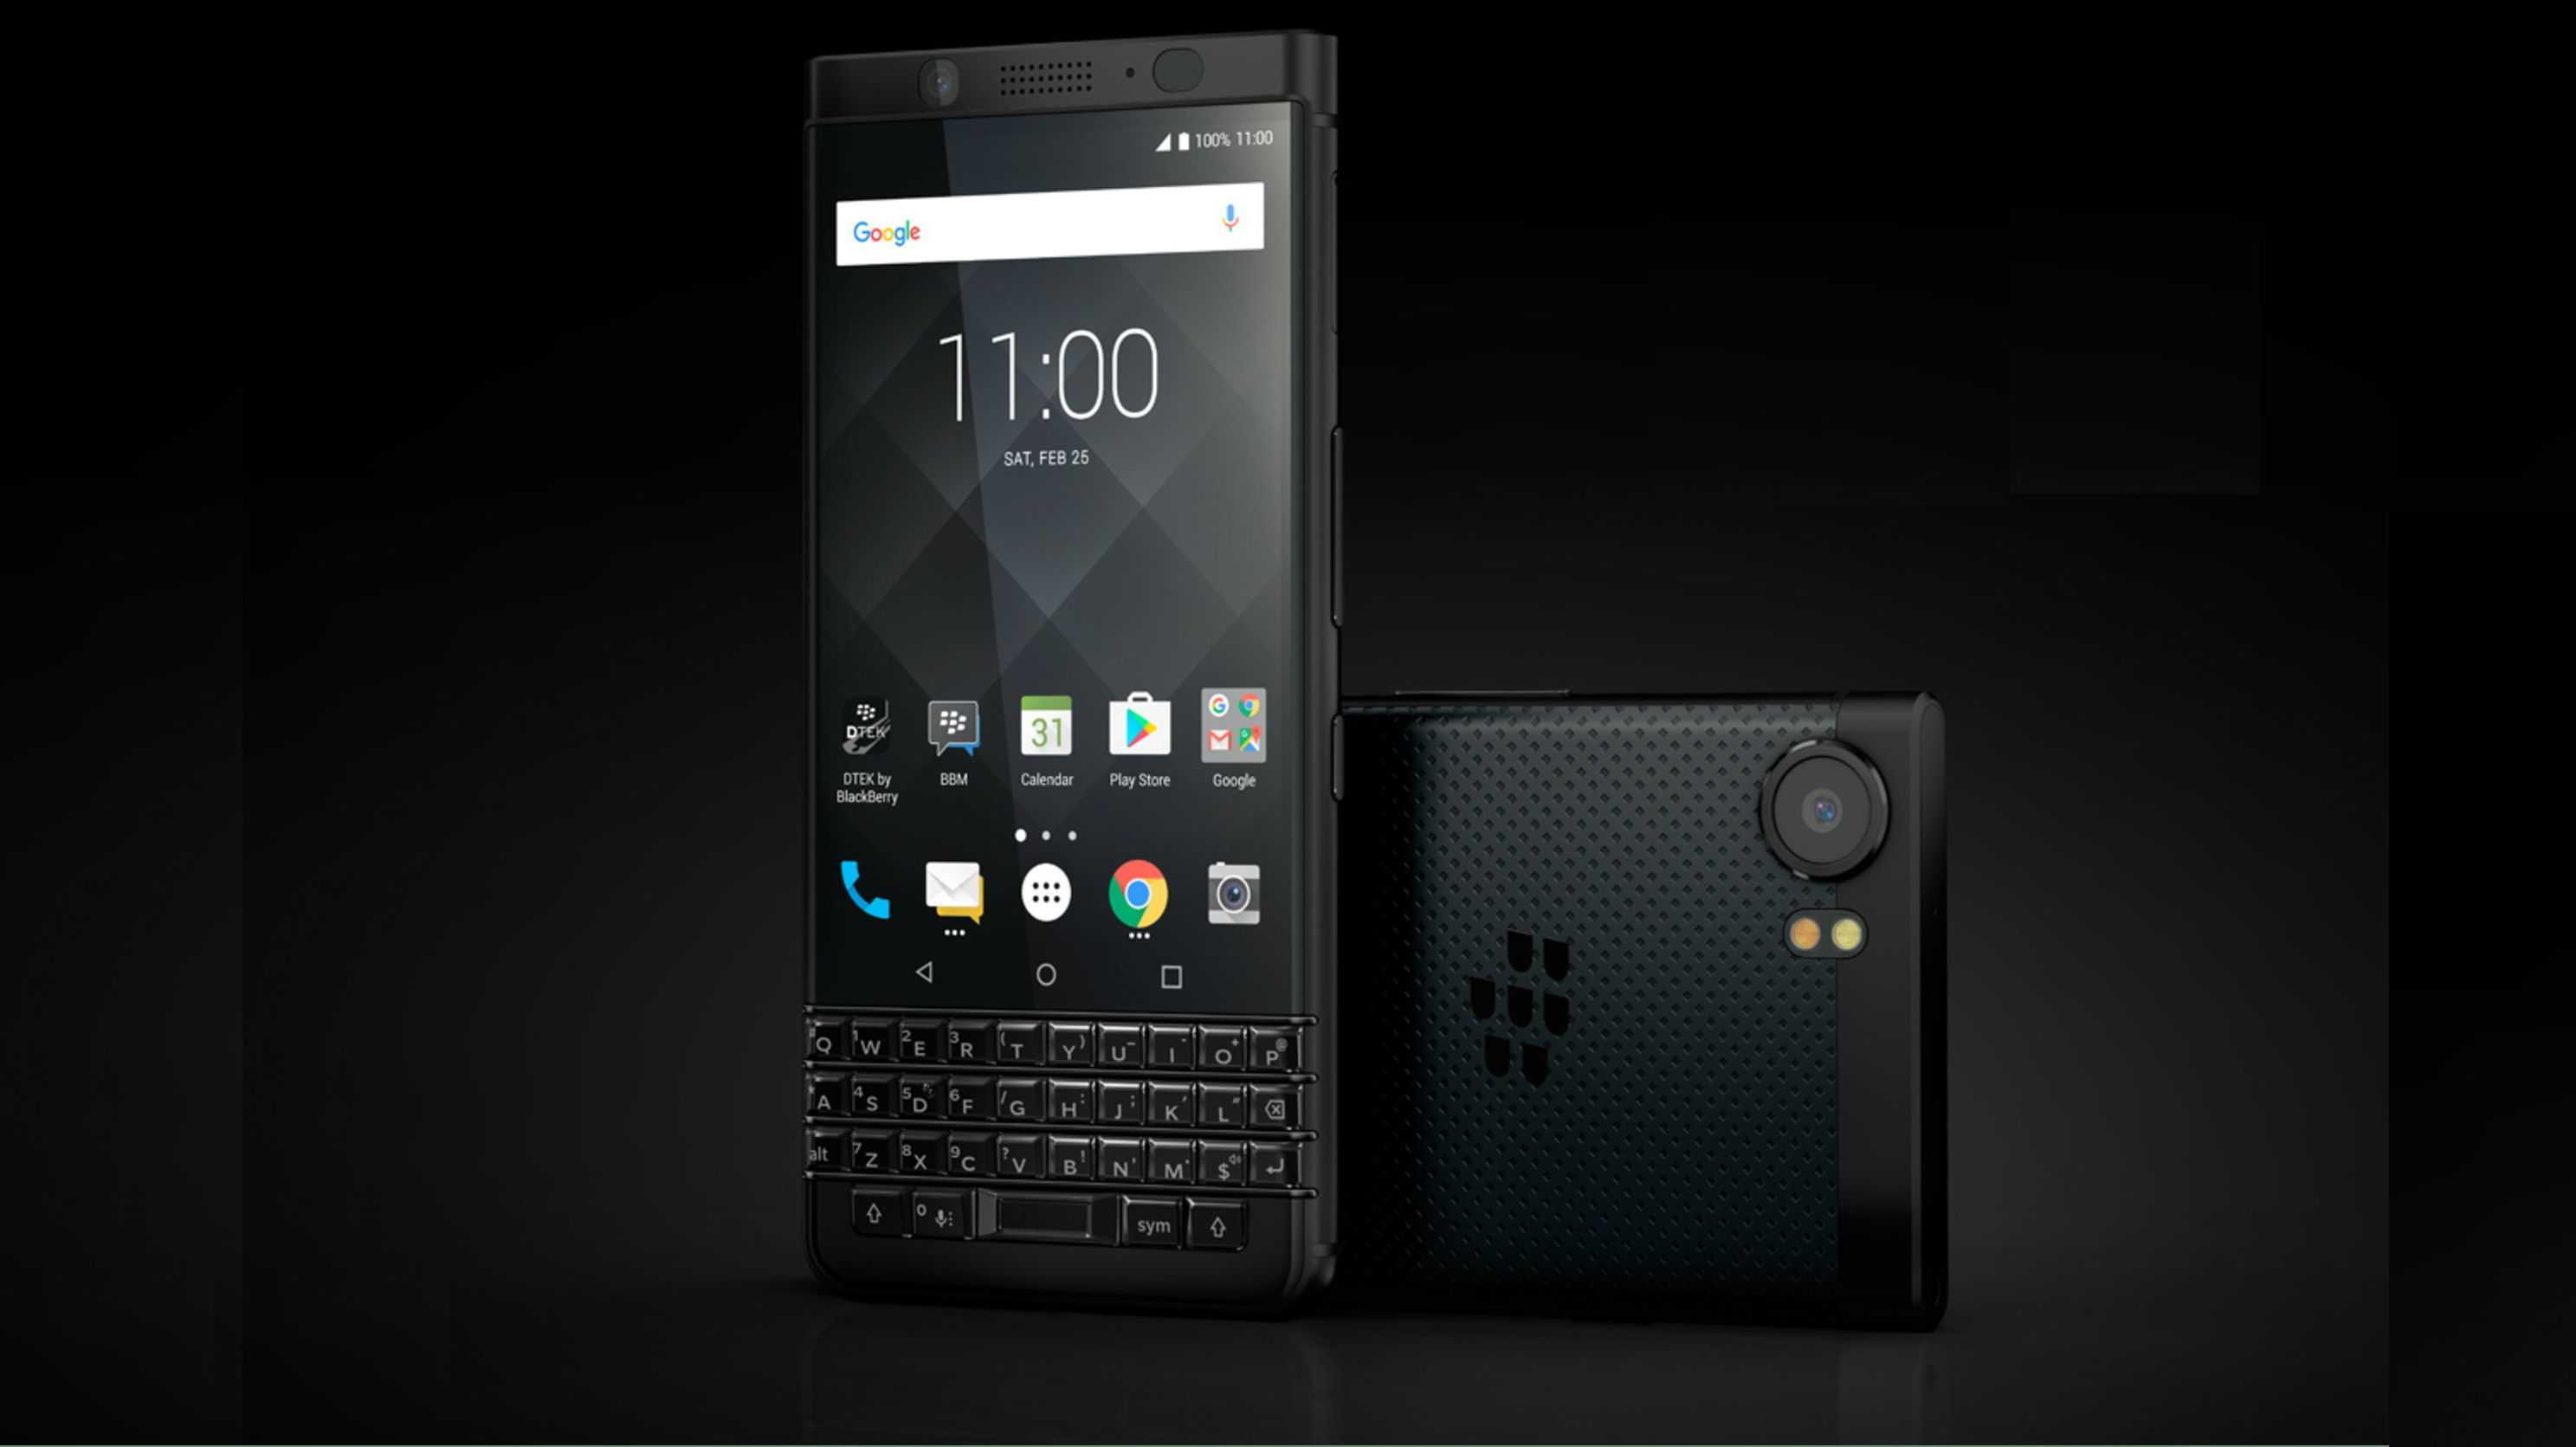 Blackberry KeyOne: Tastatur-Handy kommt in schwarz und mit mehr Speicher